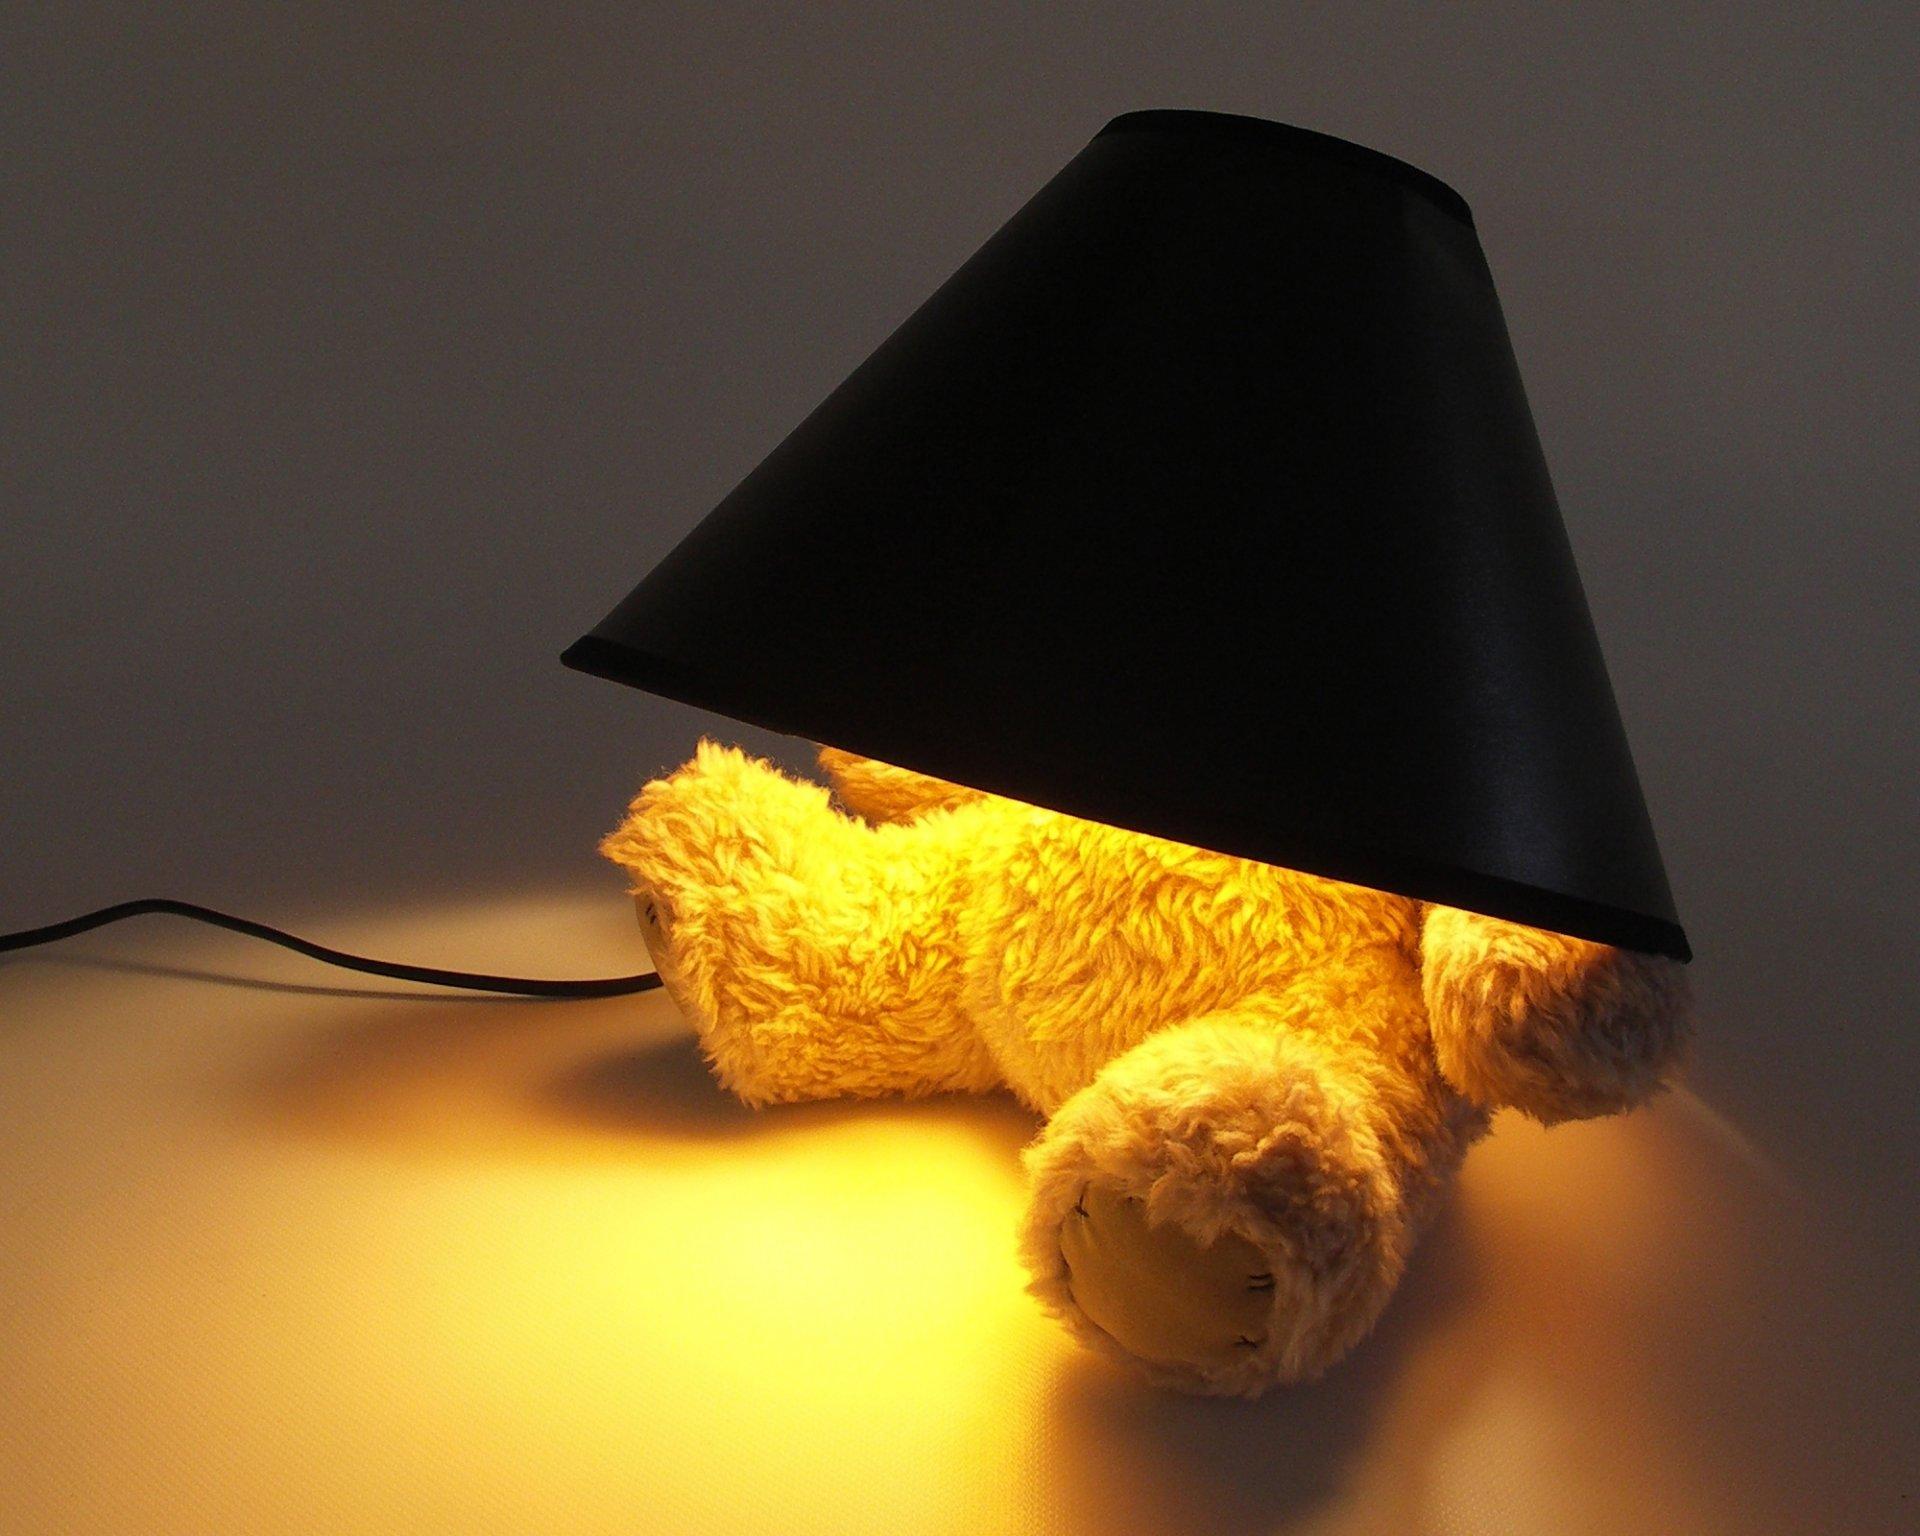 Светильник настольный забавный  № 3521321 без смс